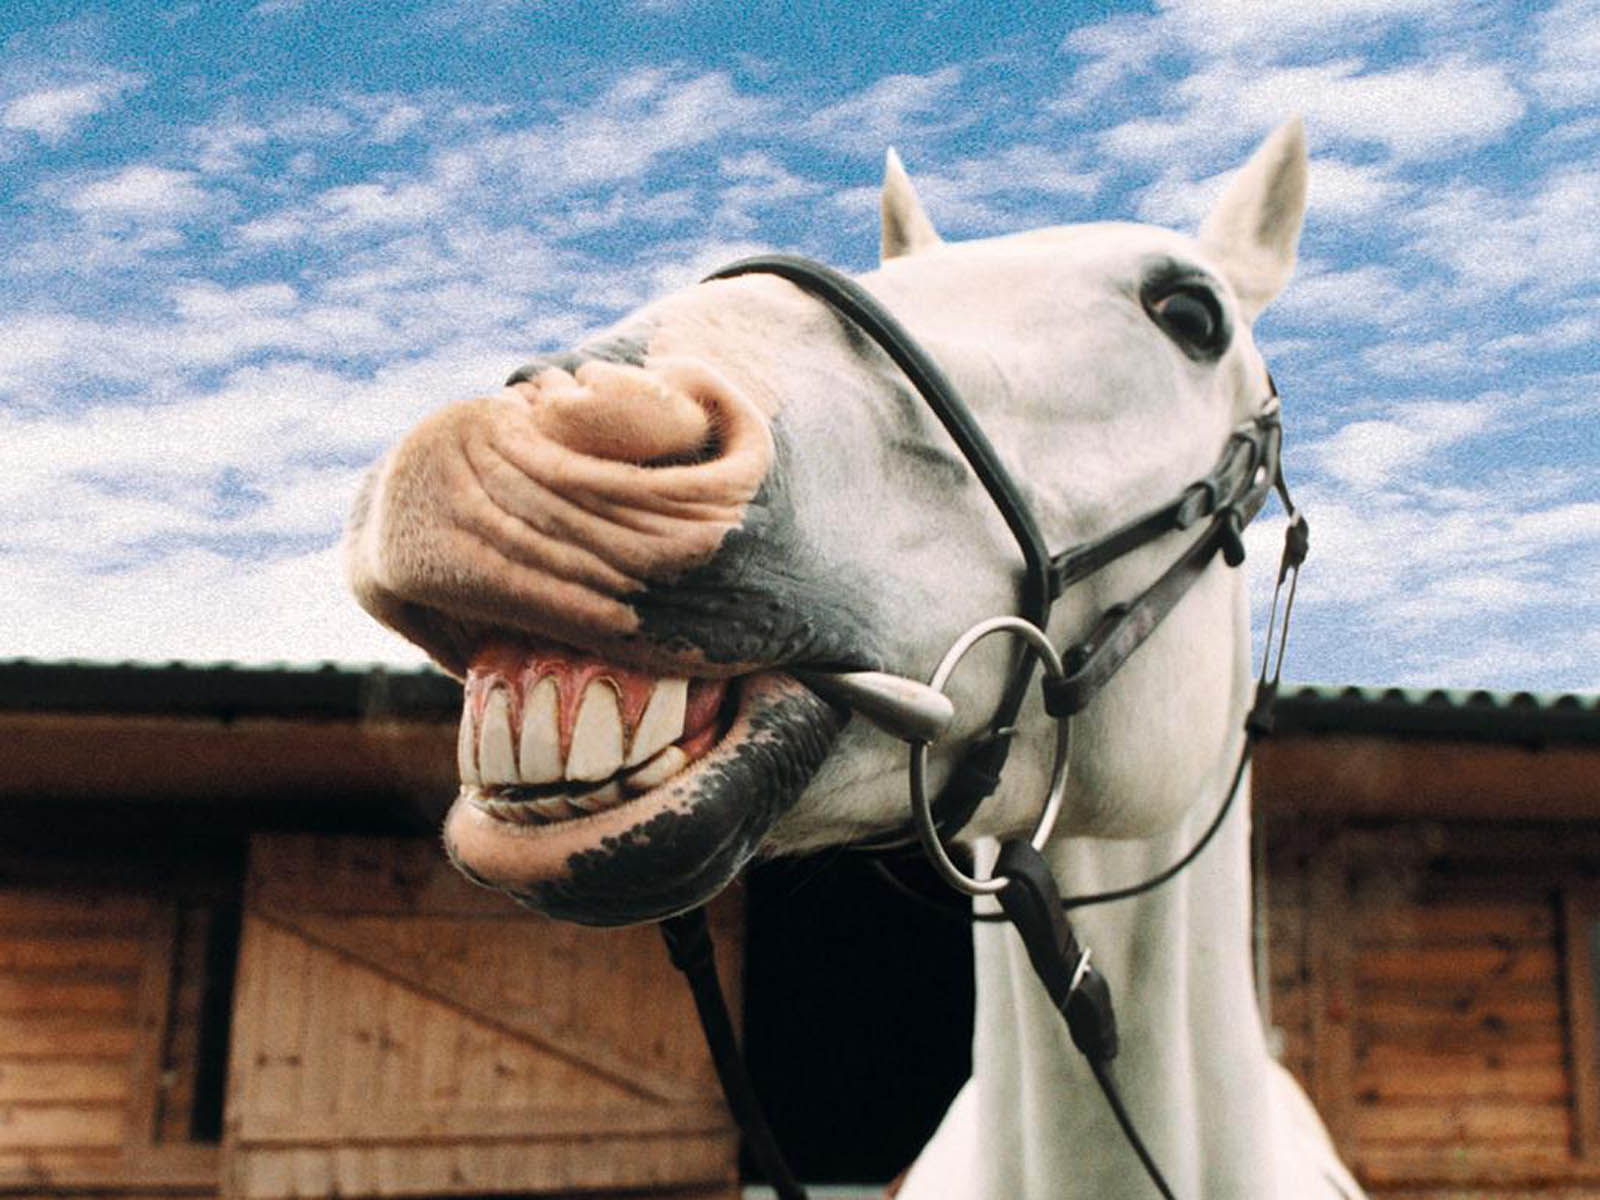 laughing animal wallpaper - photo #17